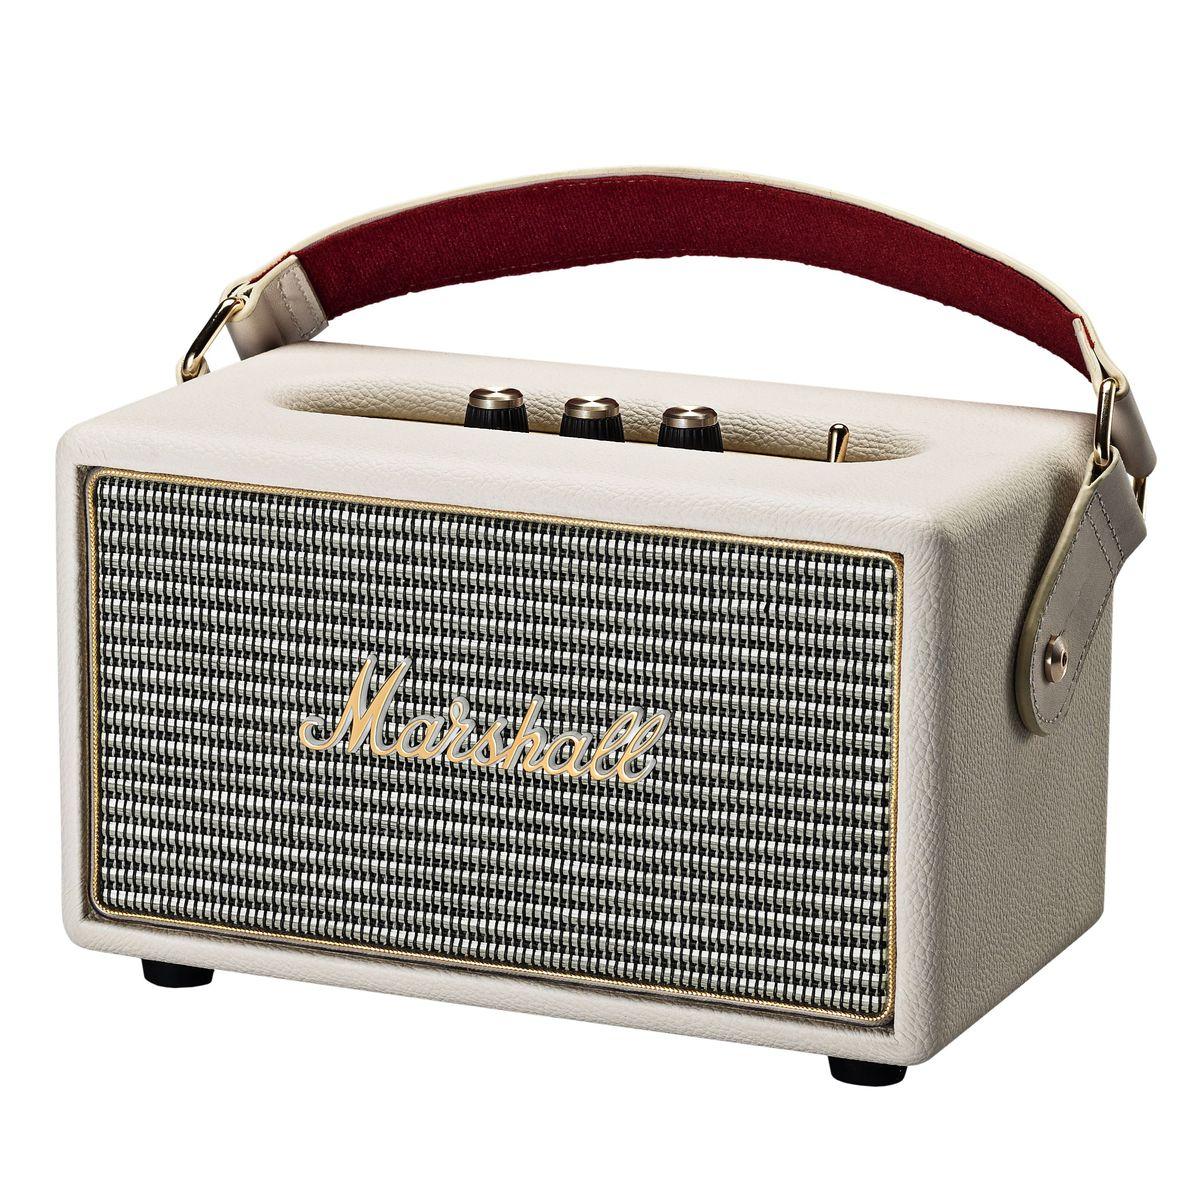 Marshall Kilburn, Cream акустическая система7340055313841The Kilburn – это первая колонка в линейке акустики Marshall, освобожденная от проводов. Небольшая, весом всего в 3 килограмма, она может похвастаться одними из самых громких динамиков в своем классе, которые обеспечивают не только мощный бас, но и широкую звуковую сцену, четкую панораму и детализированное звучание. По традиции устройство выполнено в стиле олдскульных гитарных усилителей: обтянутый винилом корпус, металлическая решетка на динамиках с легендарным логотипом на ней, аналоговые переключатели и ручки регулировок золотого цвета. Путешествуйте налегке вместе с Marshall Kilburn: кожаный ремешок в гитарном стиле позволит брать с собой колонку в любые путешествия, а встроенный аккумулятор обеспечит до 18 часов наслаждения вашей любимой музыкой без подзарядки. Частота кроссовера: 4200 Гц